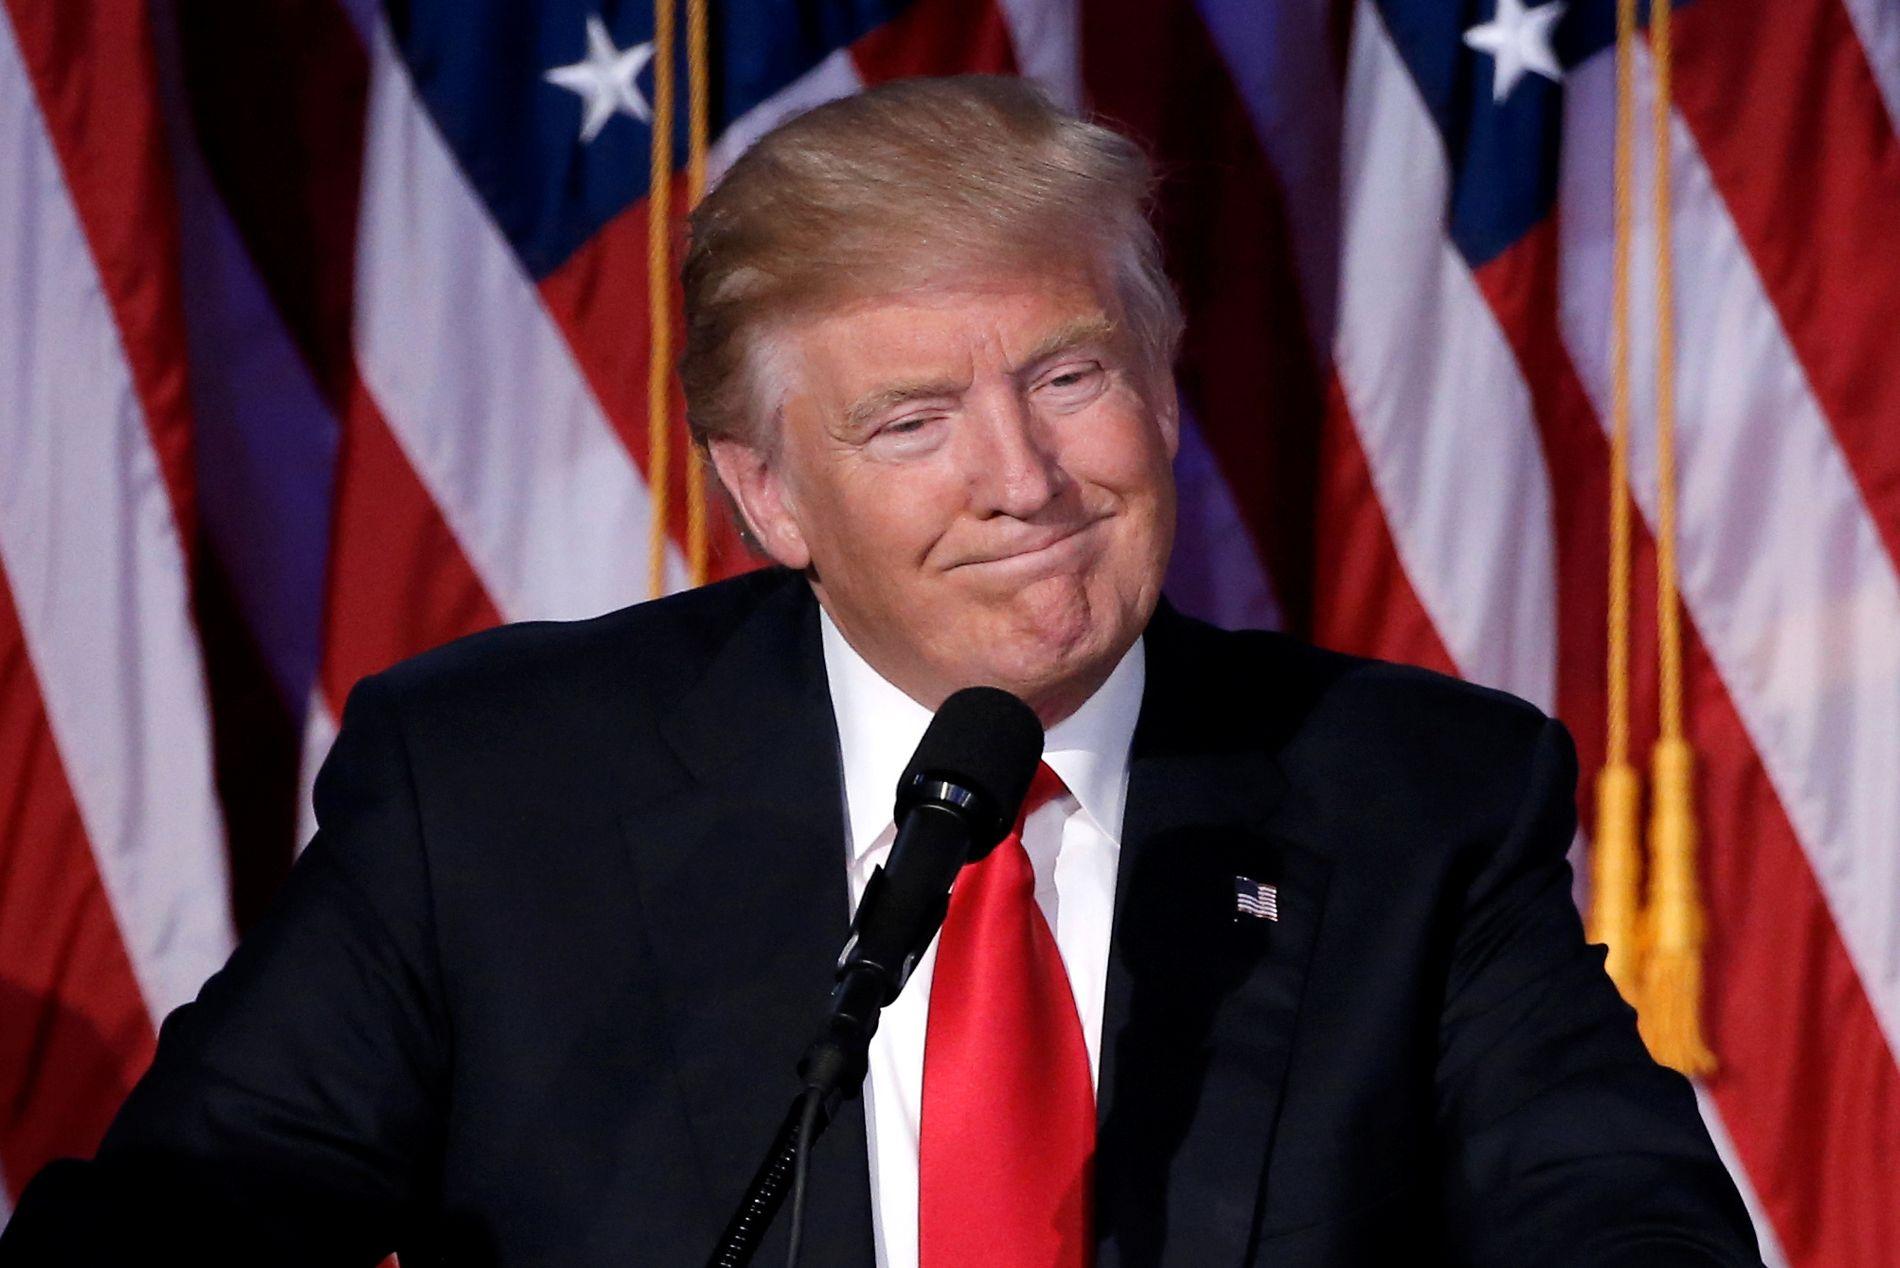 VERDEN FOR SINE FØTTER: Som president kan Donald Trump utøve makten sin på flere forskjellige måter, for eksempel å beordre styrker i krig, bruke atomvåpen eller avslutte handelsavtaler.